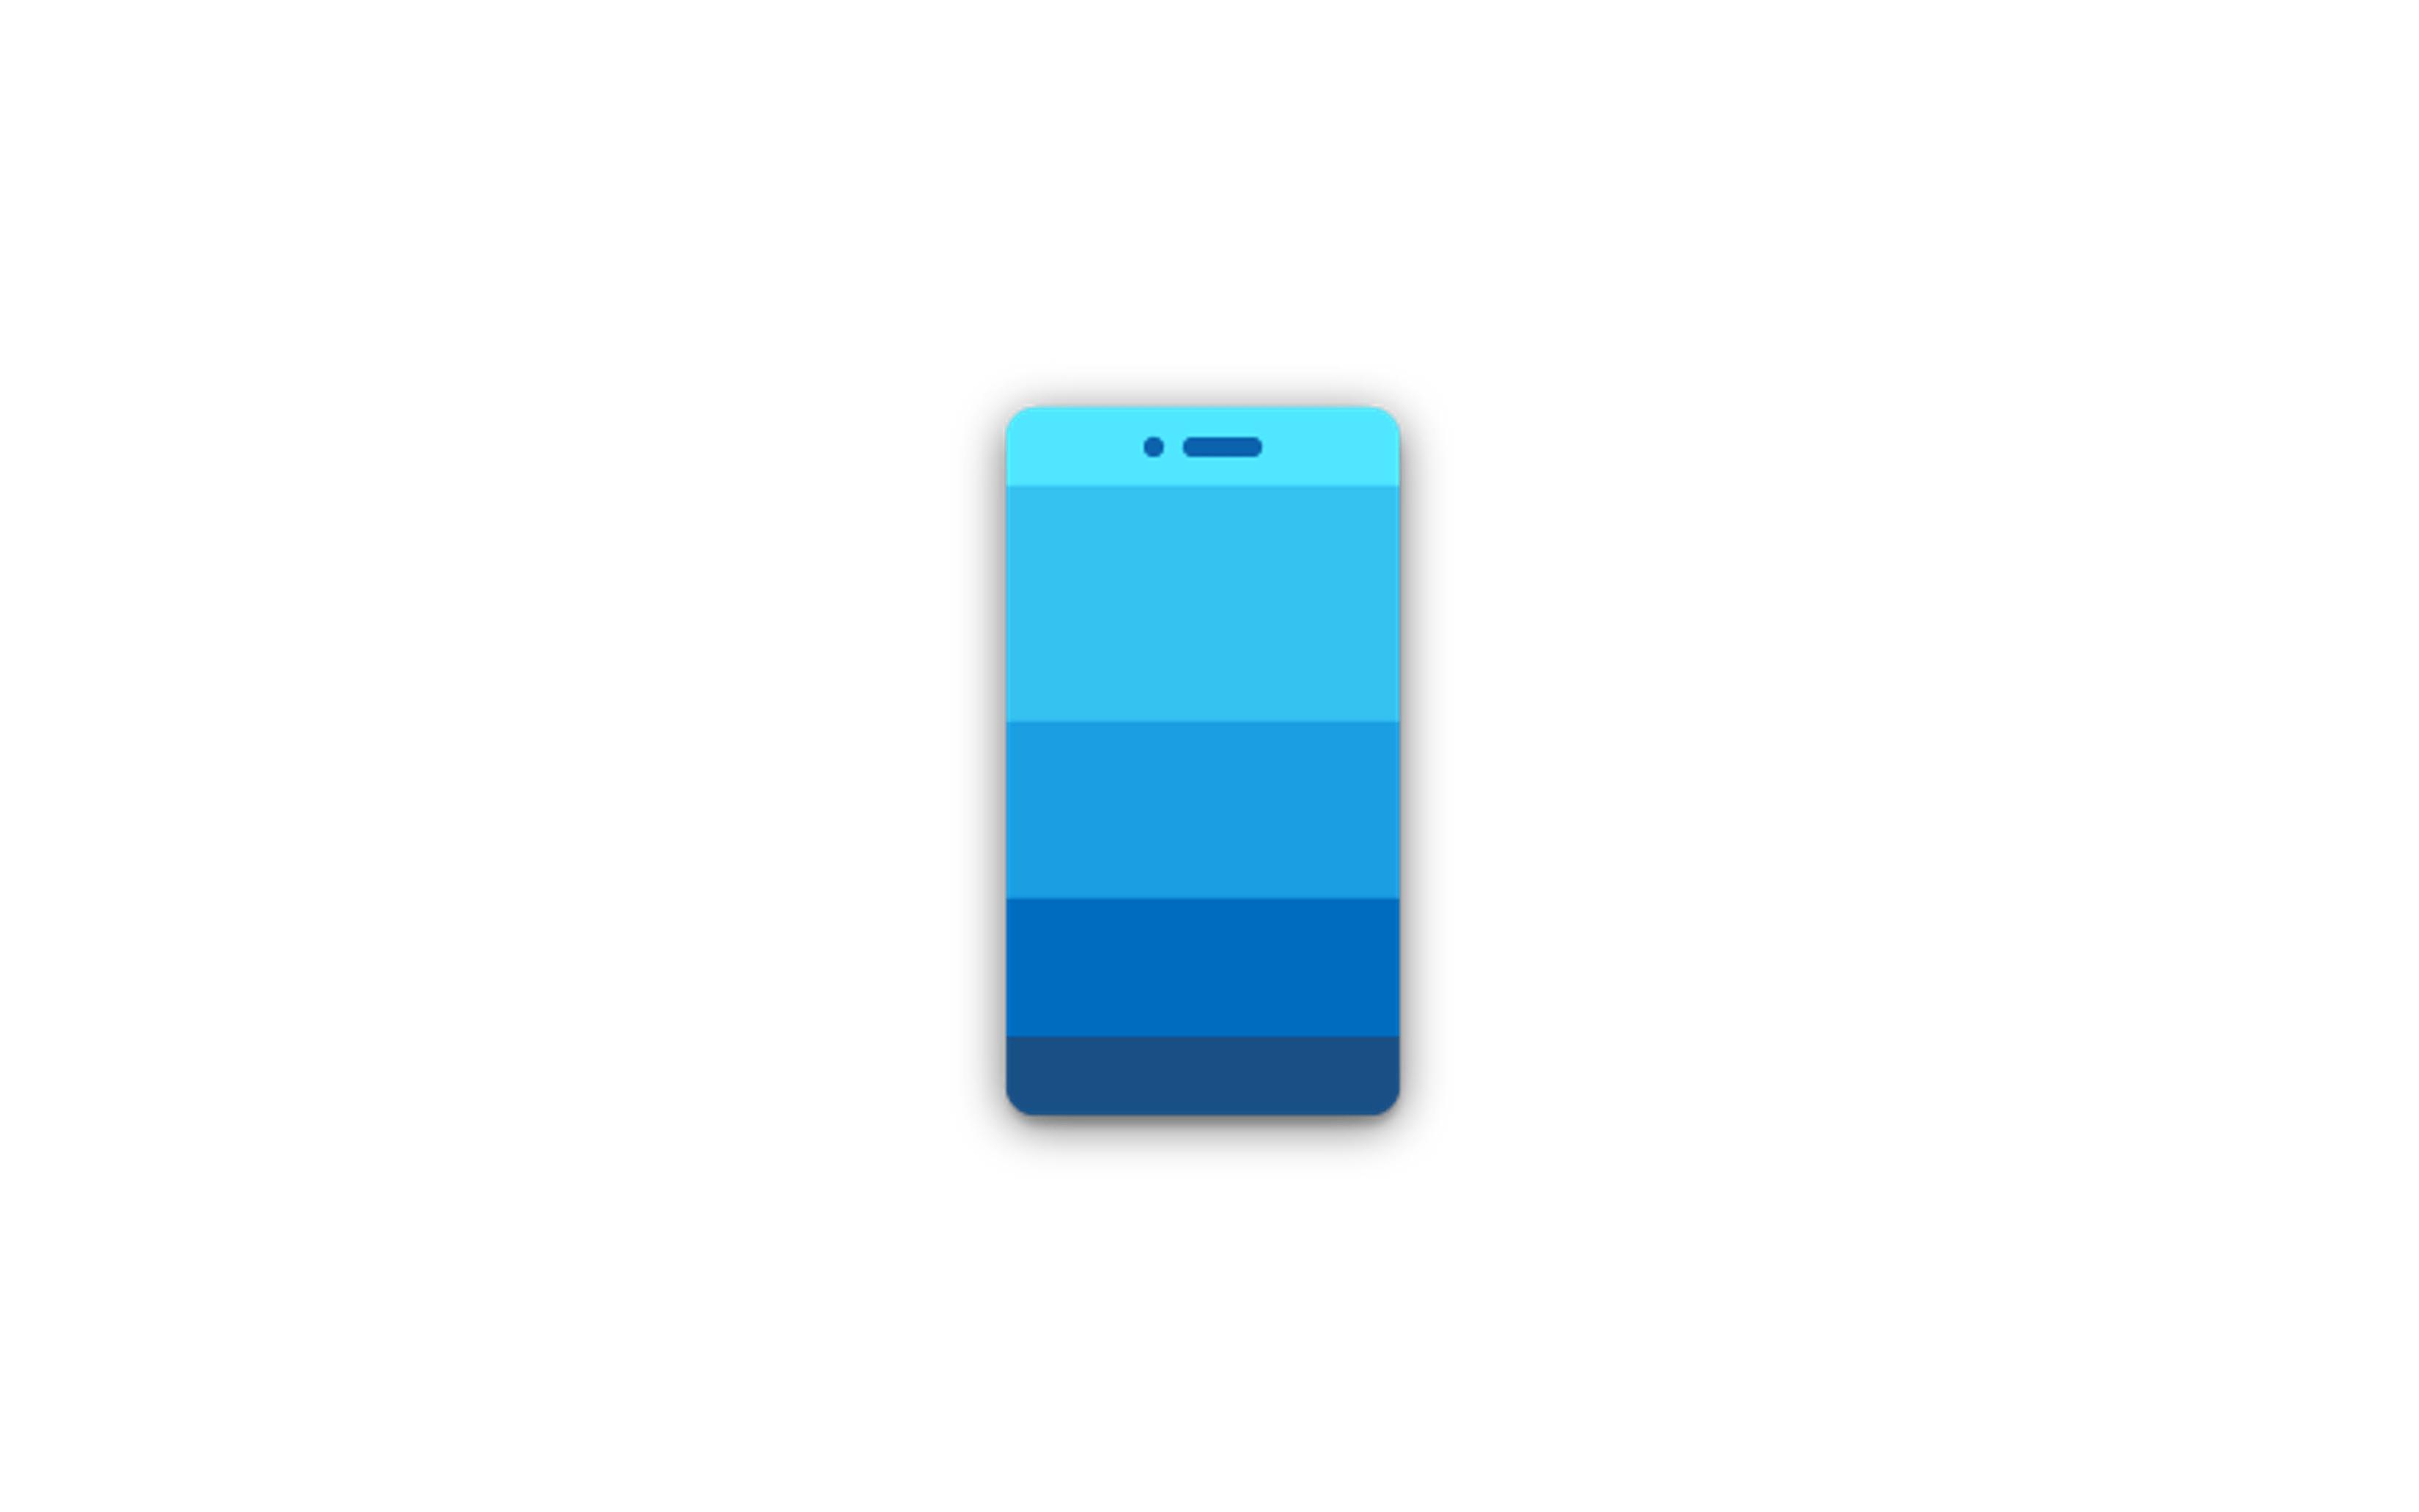 사용자 휴대폰 아이콘